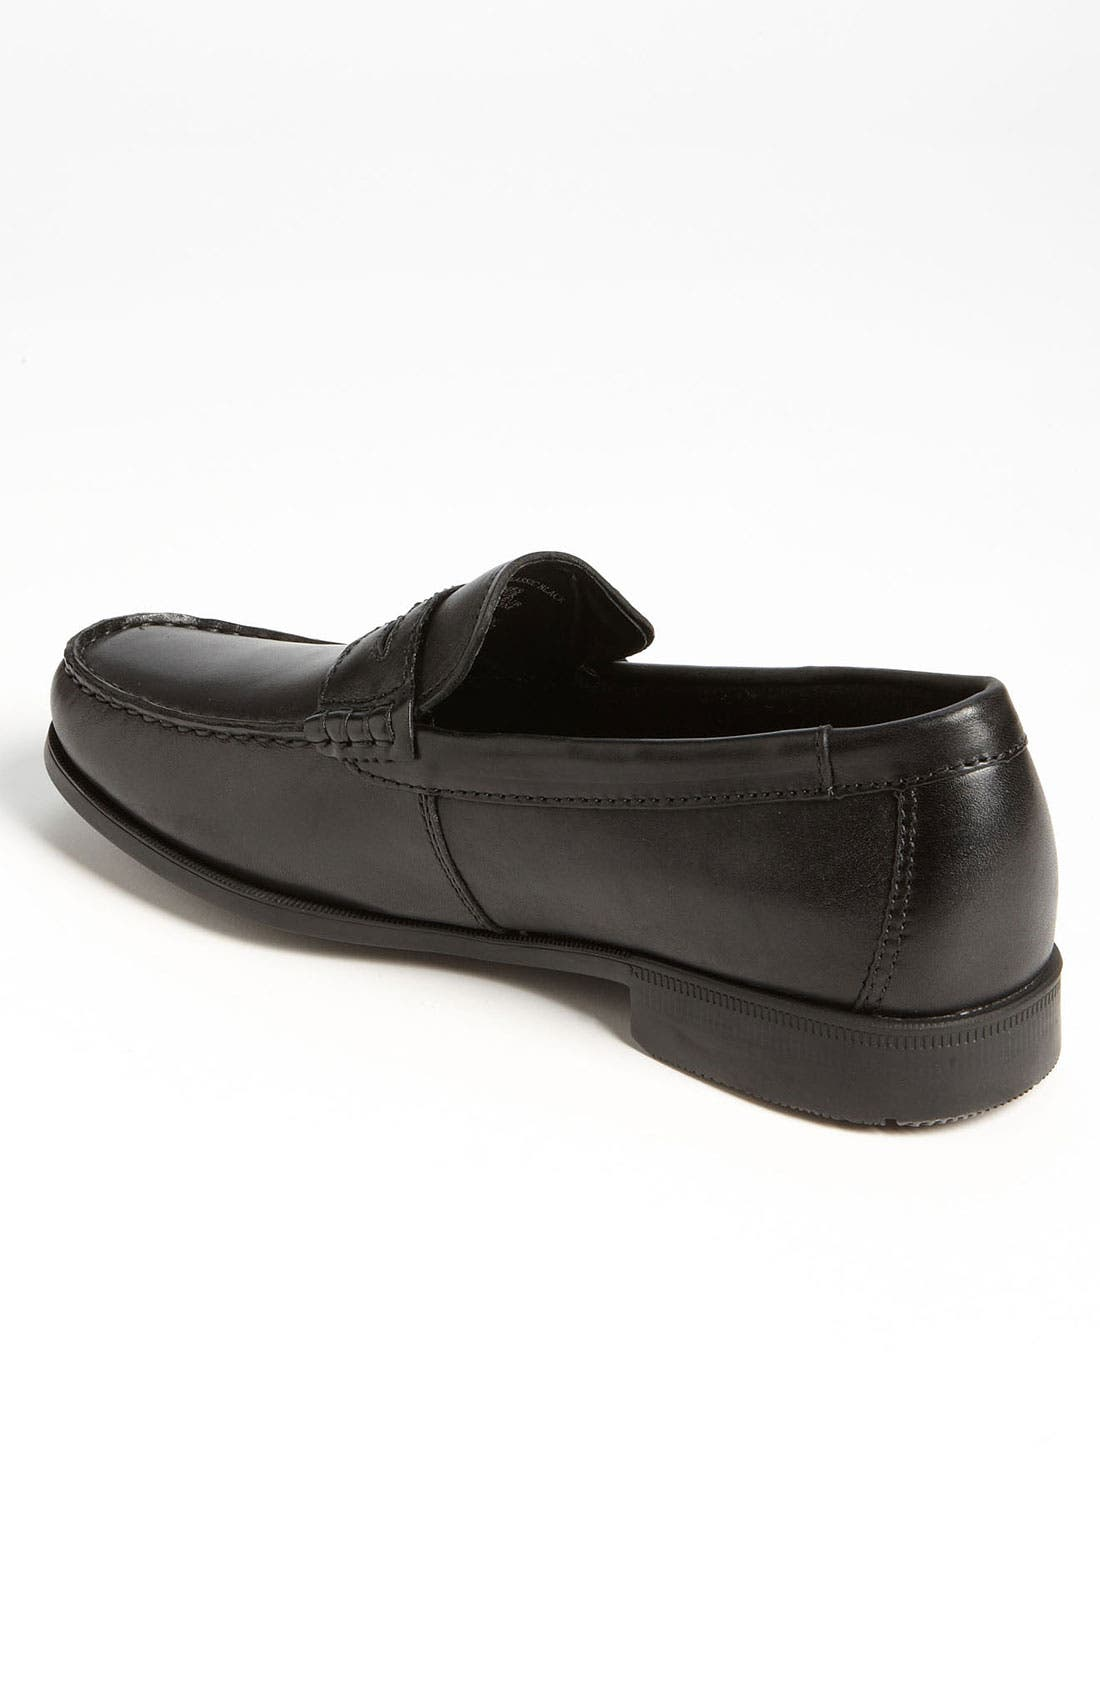 Alternate Image 2  - Sebago 'Back Bay Classic' Loafer (Online Only)